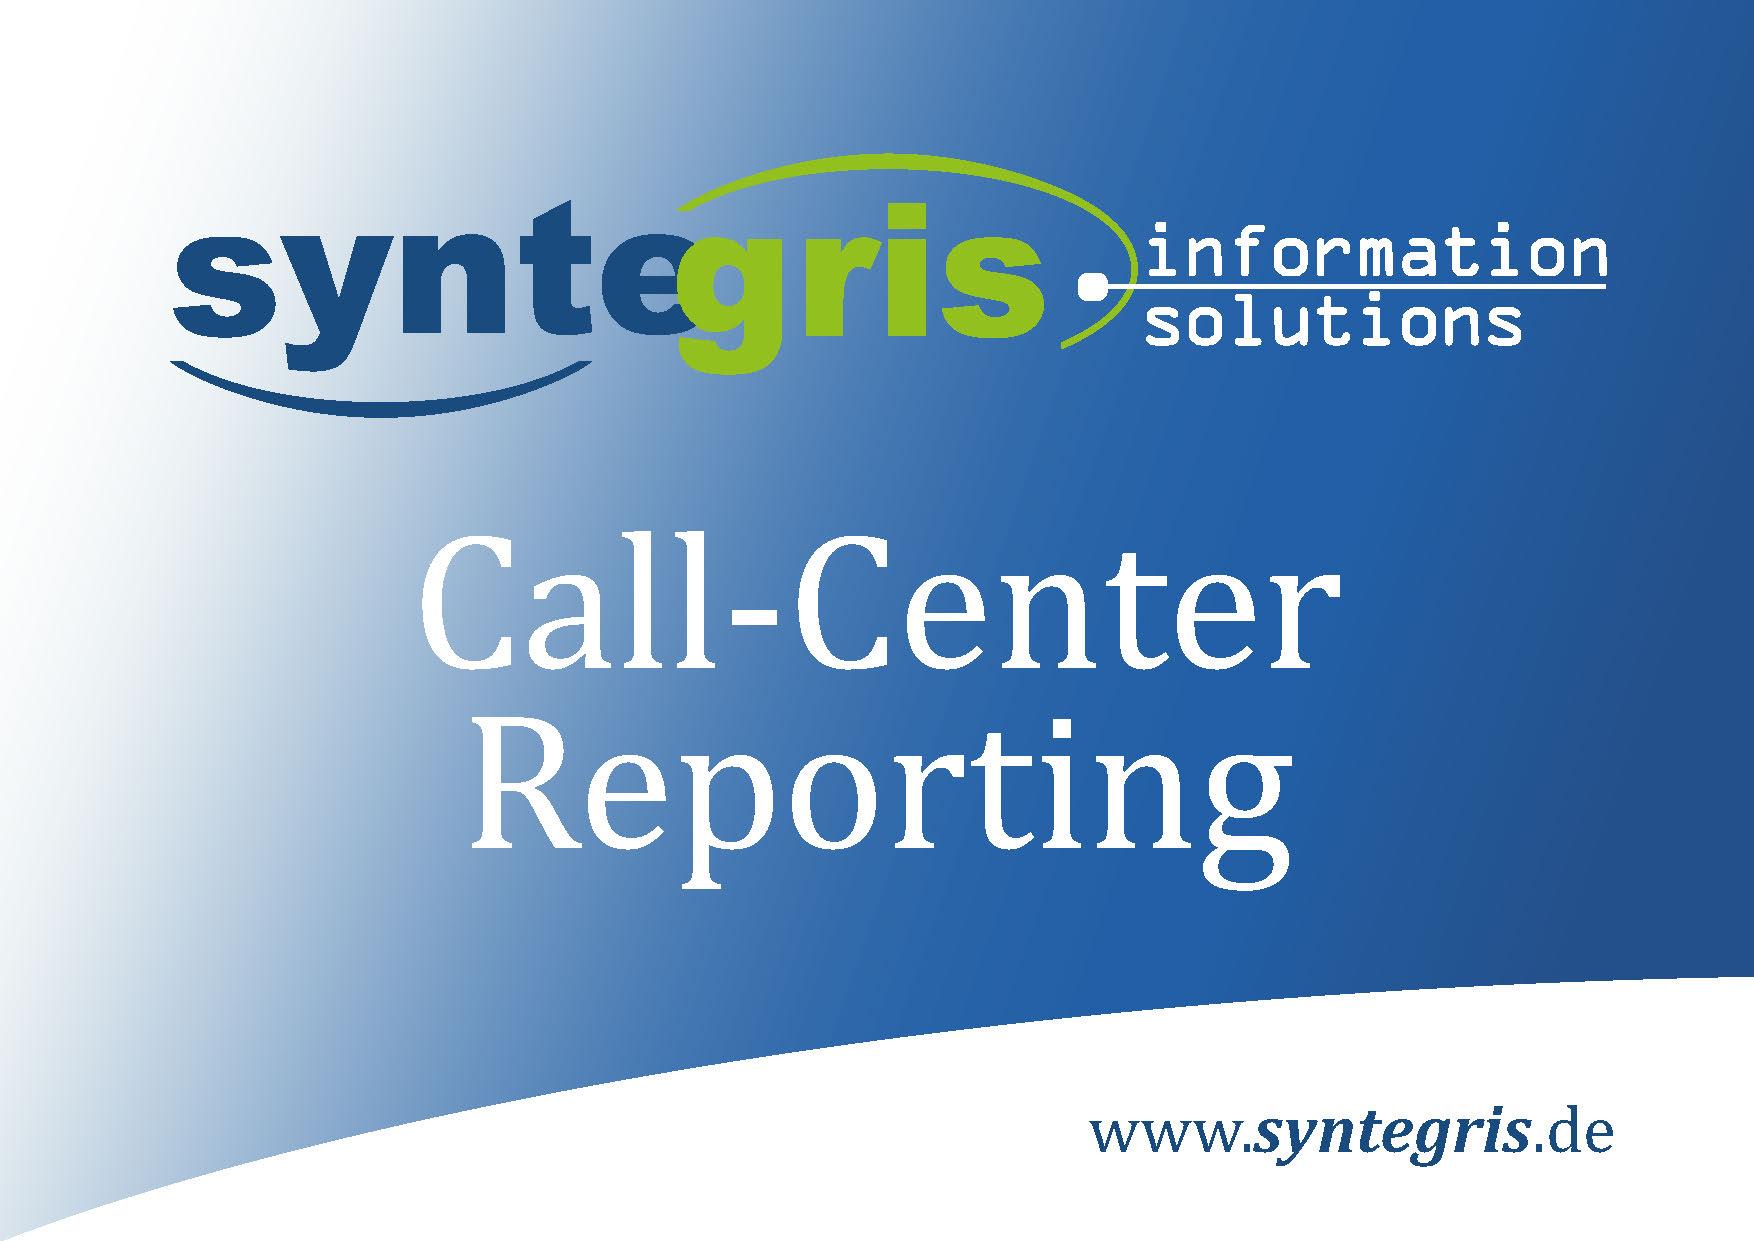 Syntegris Call Center